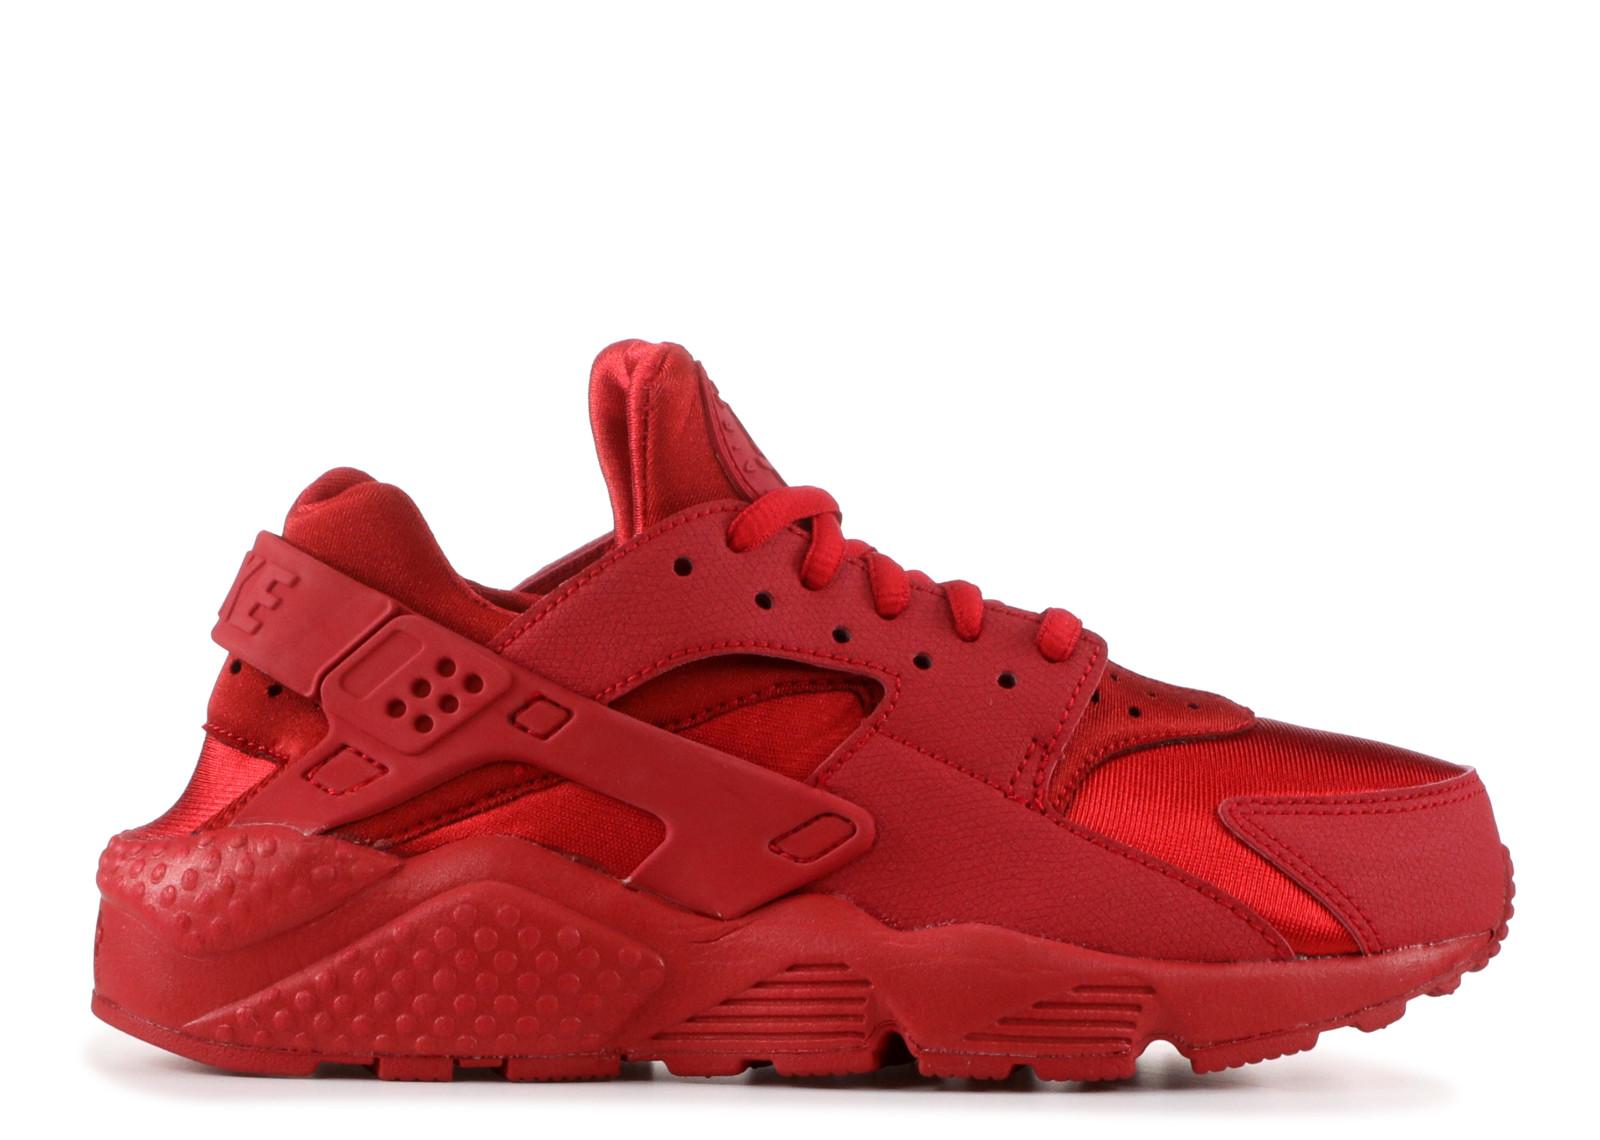 ナイキ エアー ハラチ ラン トリプル 赤 レッド ジム W'S メンズ 男性用 スニーカー 靴 メンズ靴 【 NIKE AIR HUARACHE RUN TRIPLE RED GYM 】